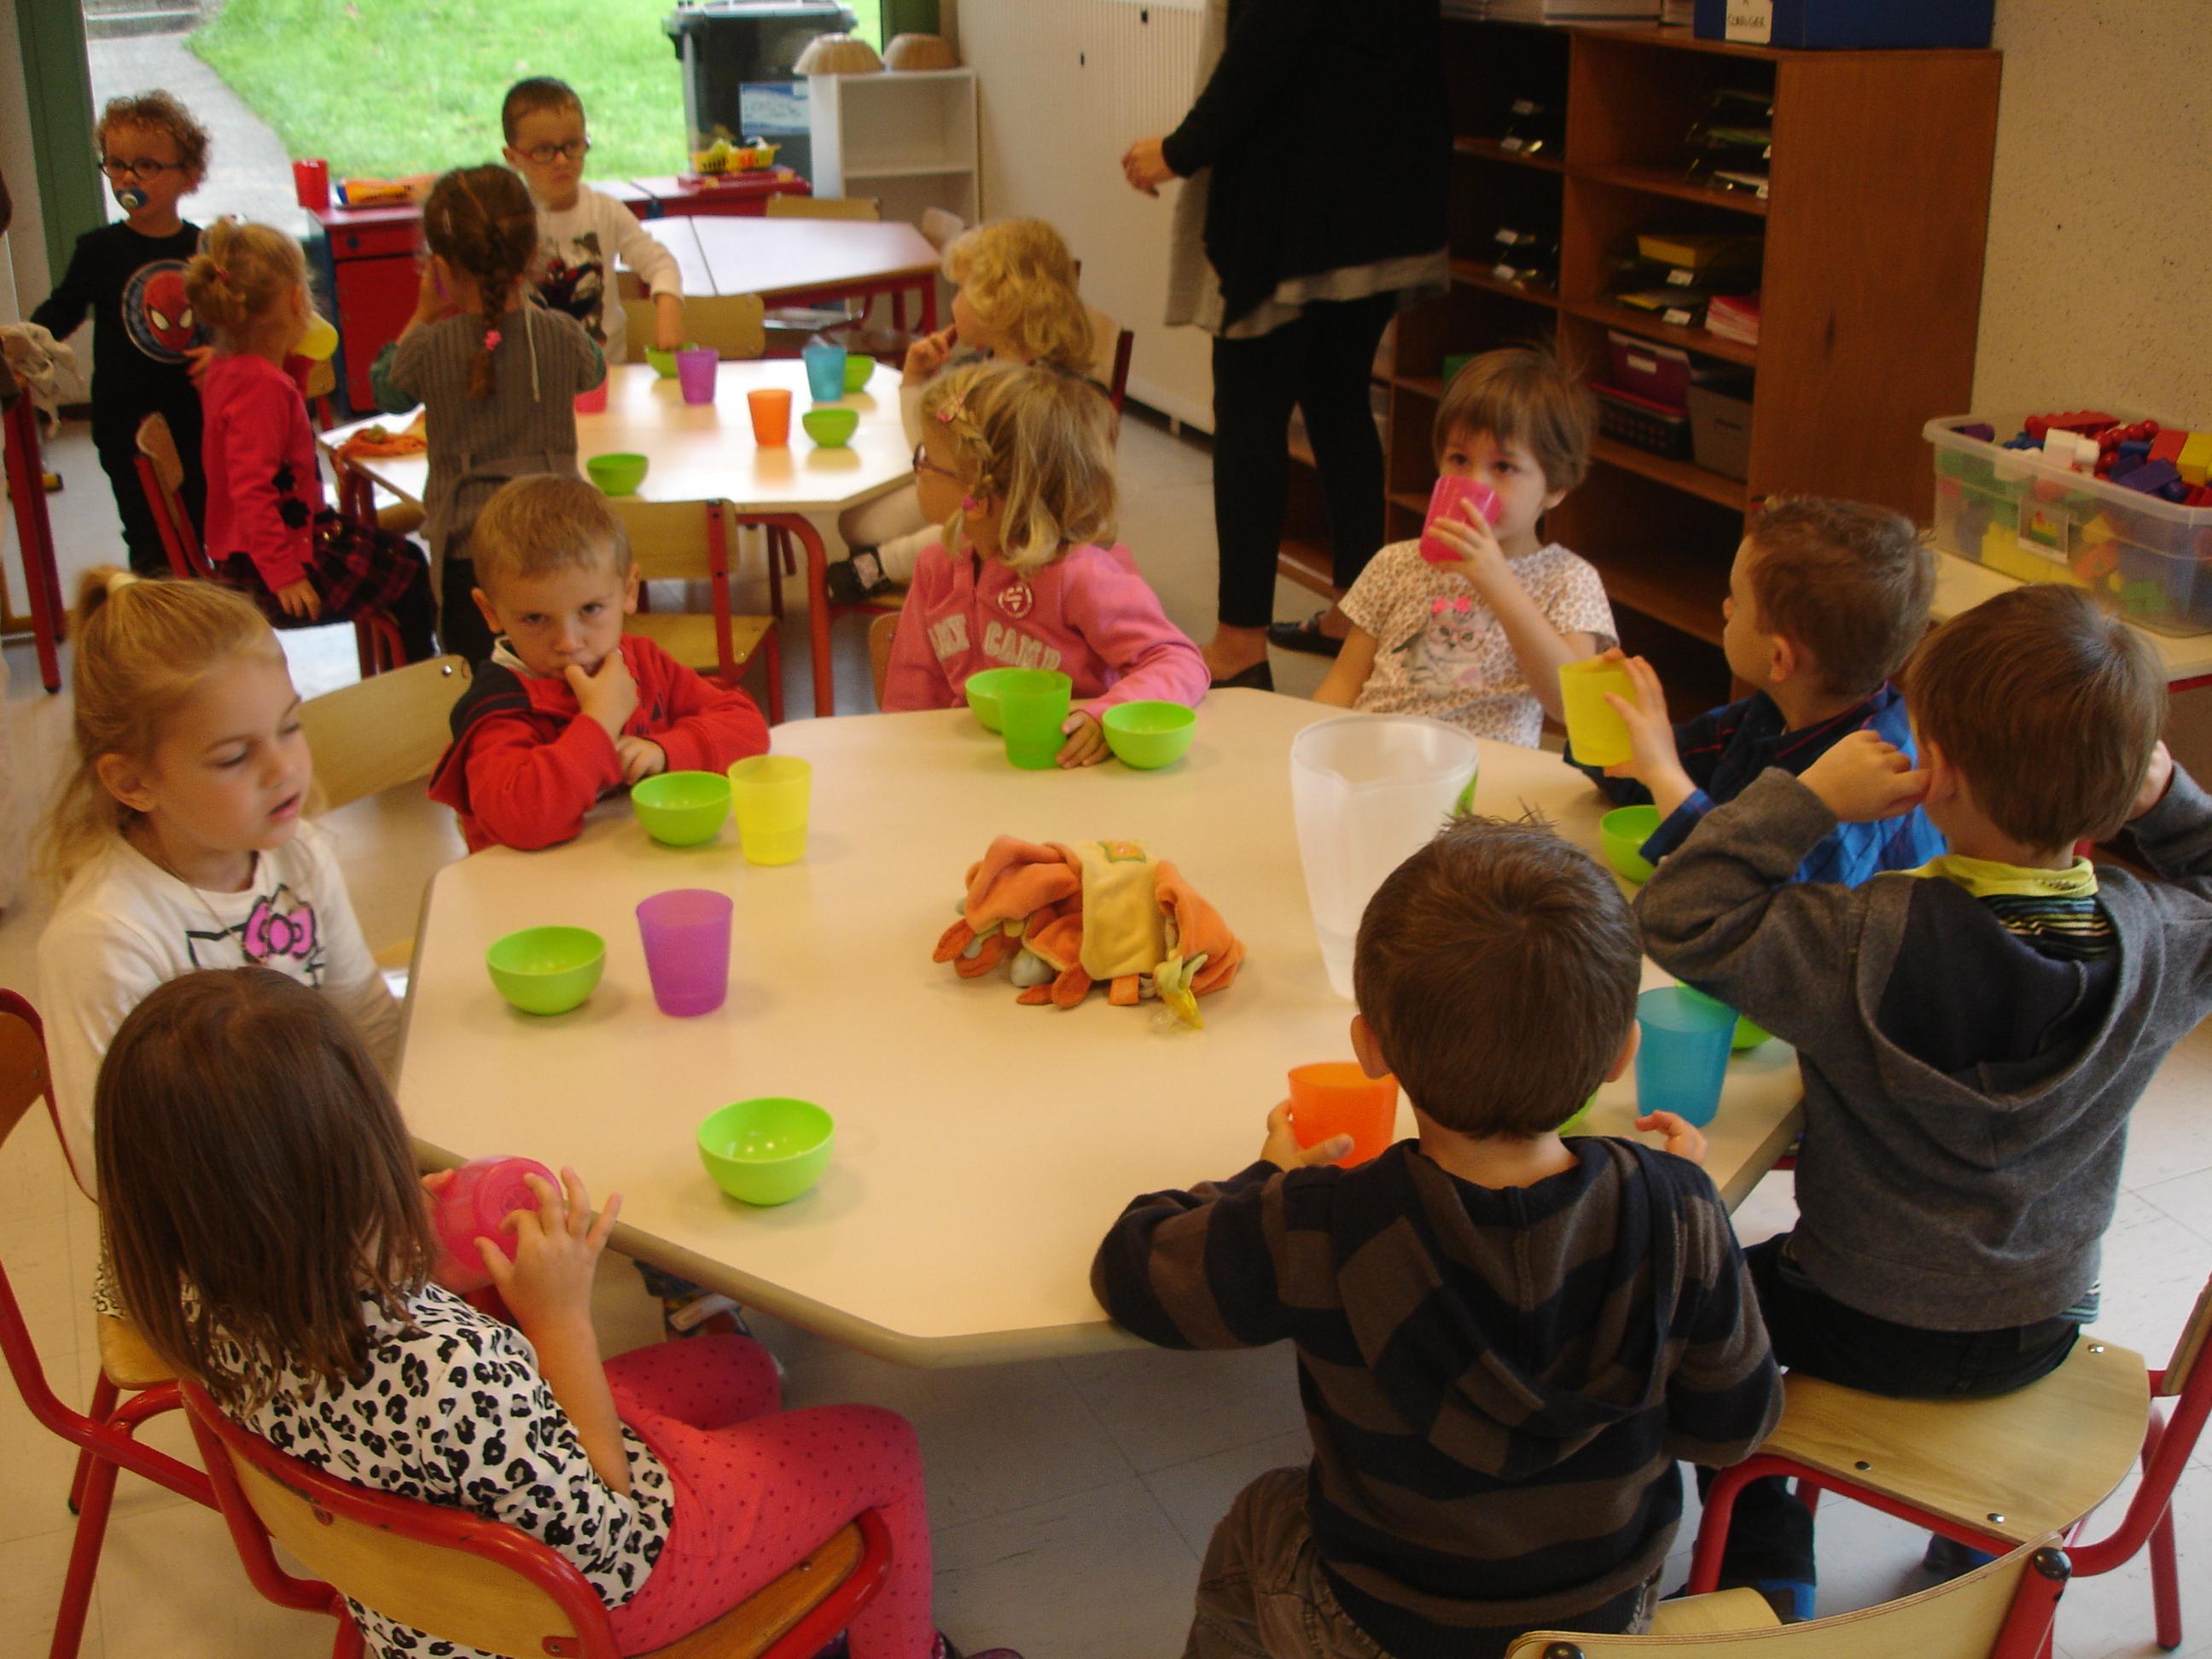 La rentr e des classes en maternelle ecole primaire - Image classe maternelle ...